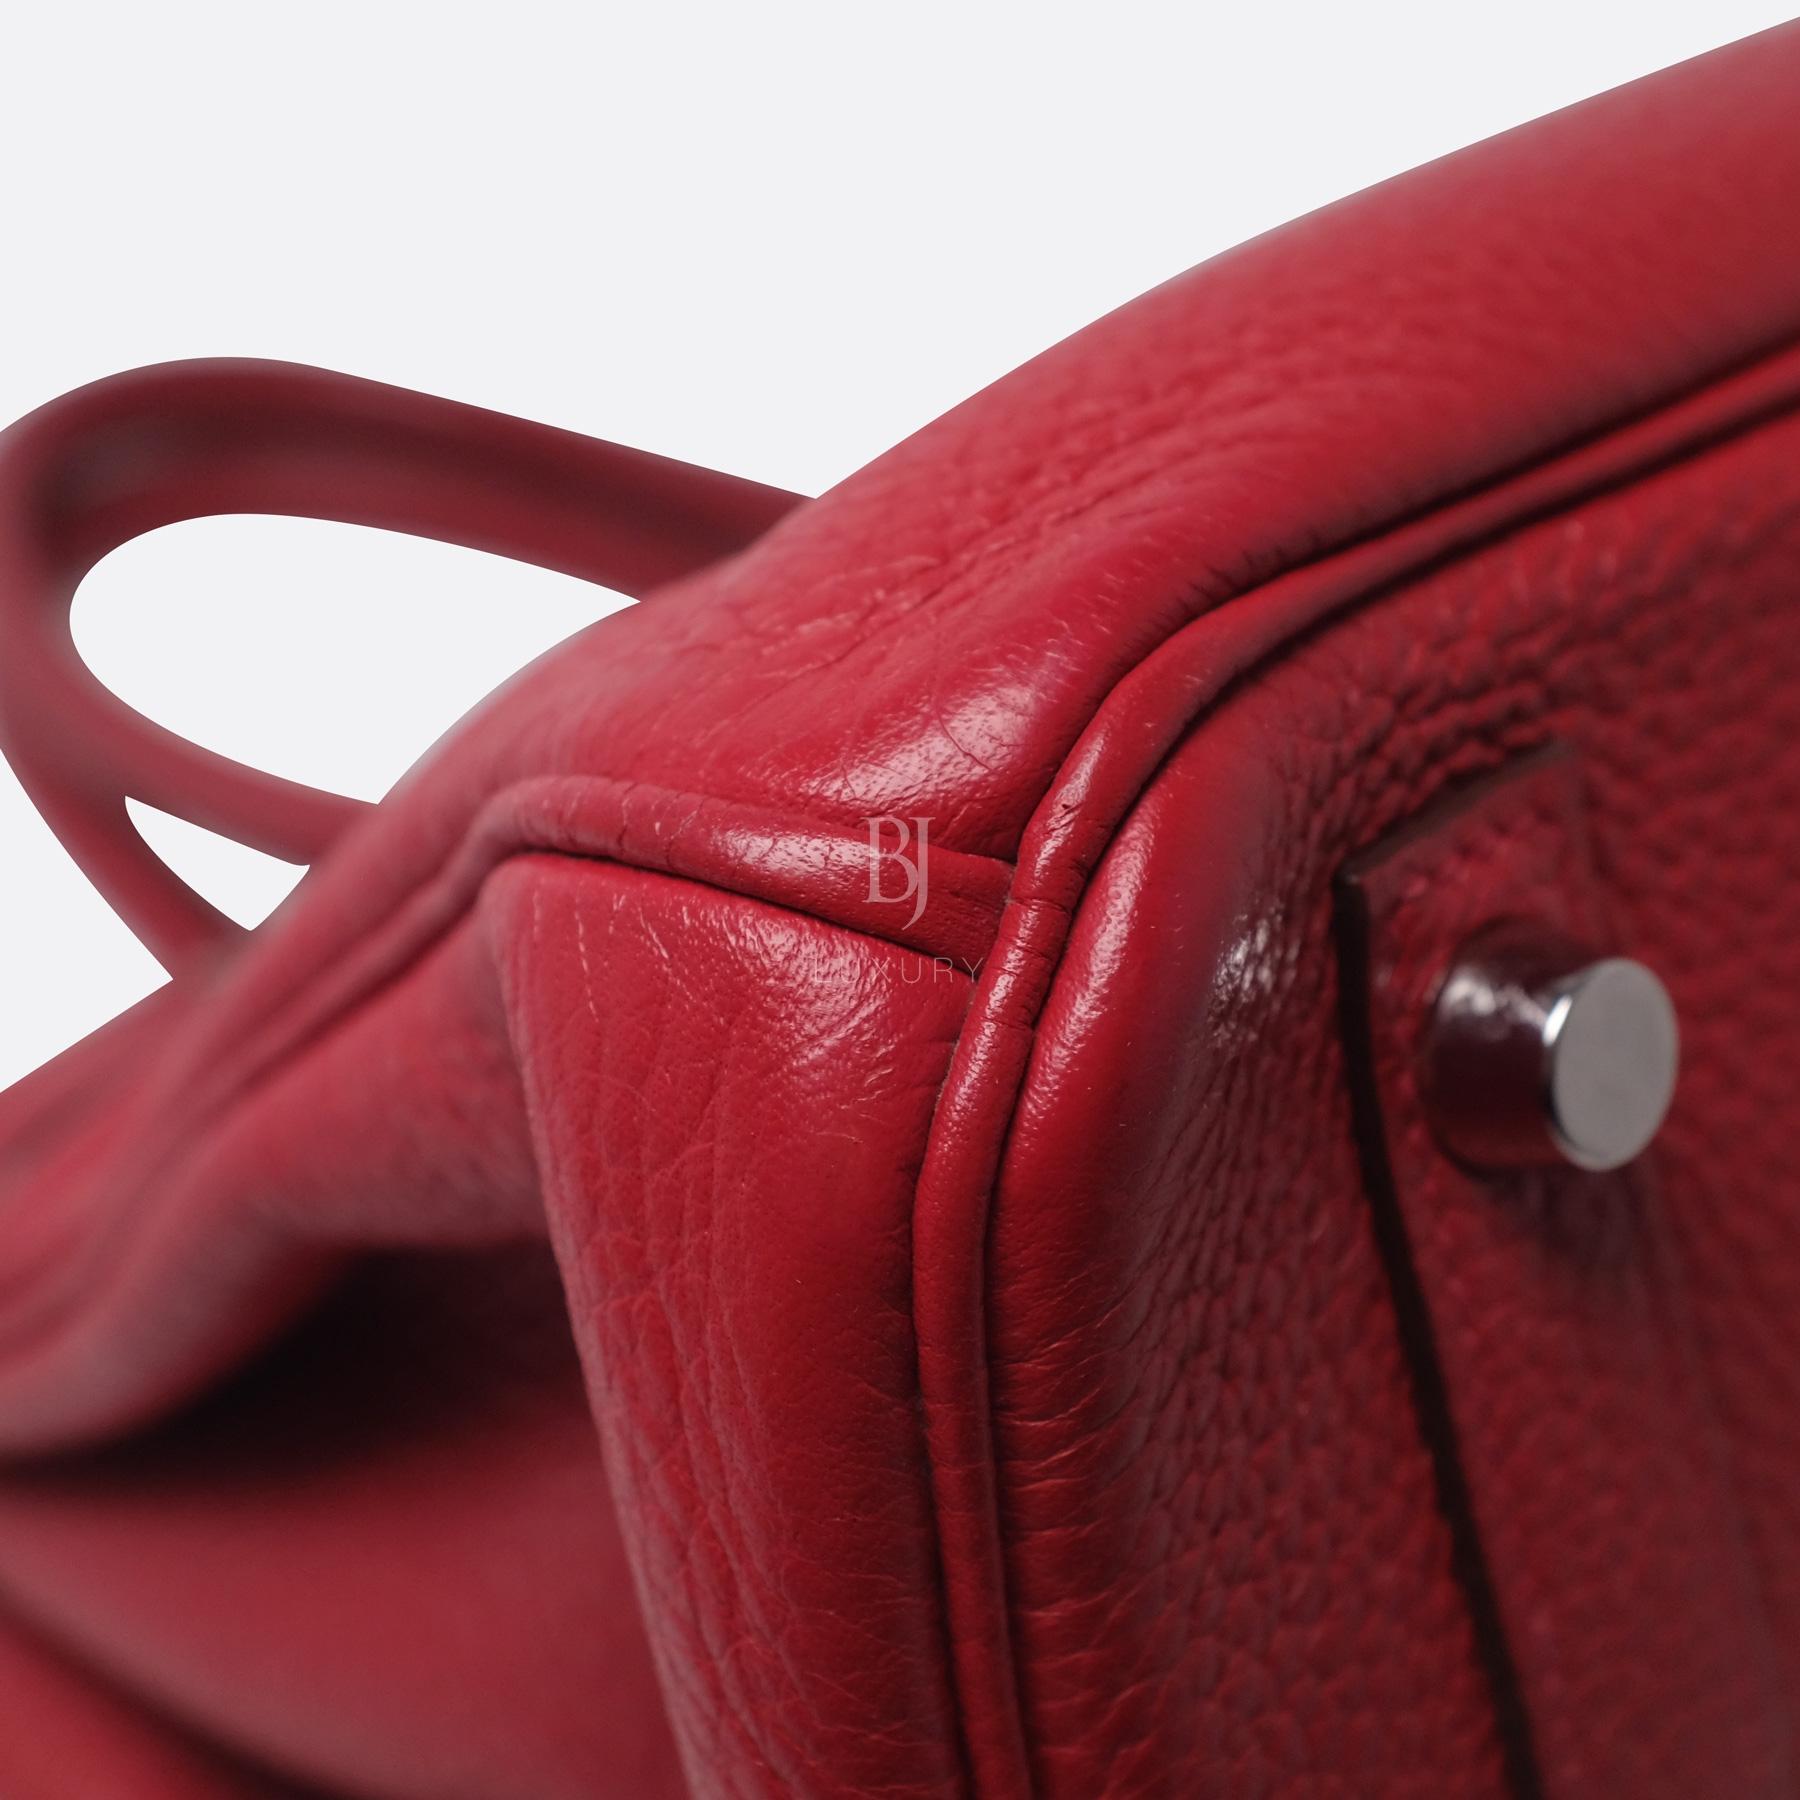 Hermes Birkin 30 Rouge Casaque Clemence Palladium BJ Luxury 16.jpg